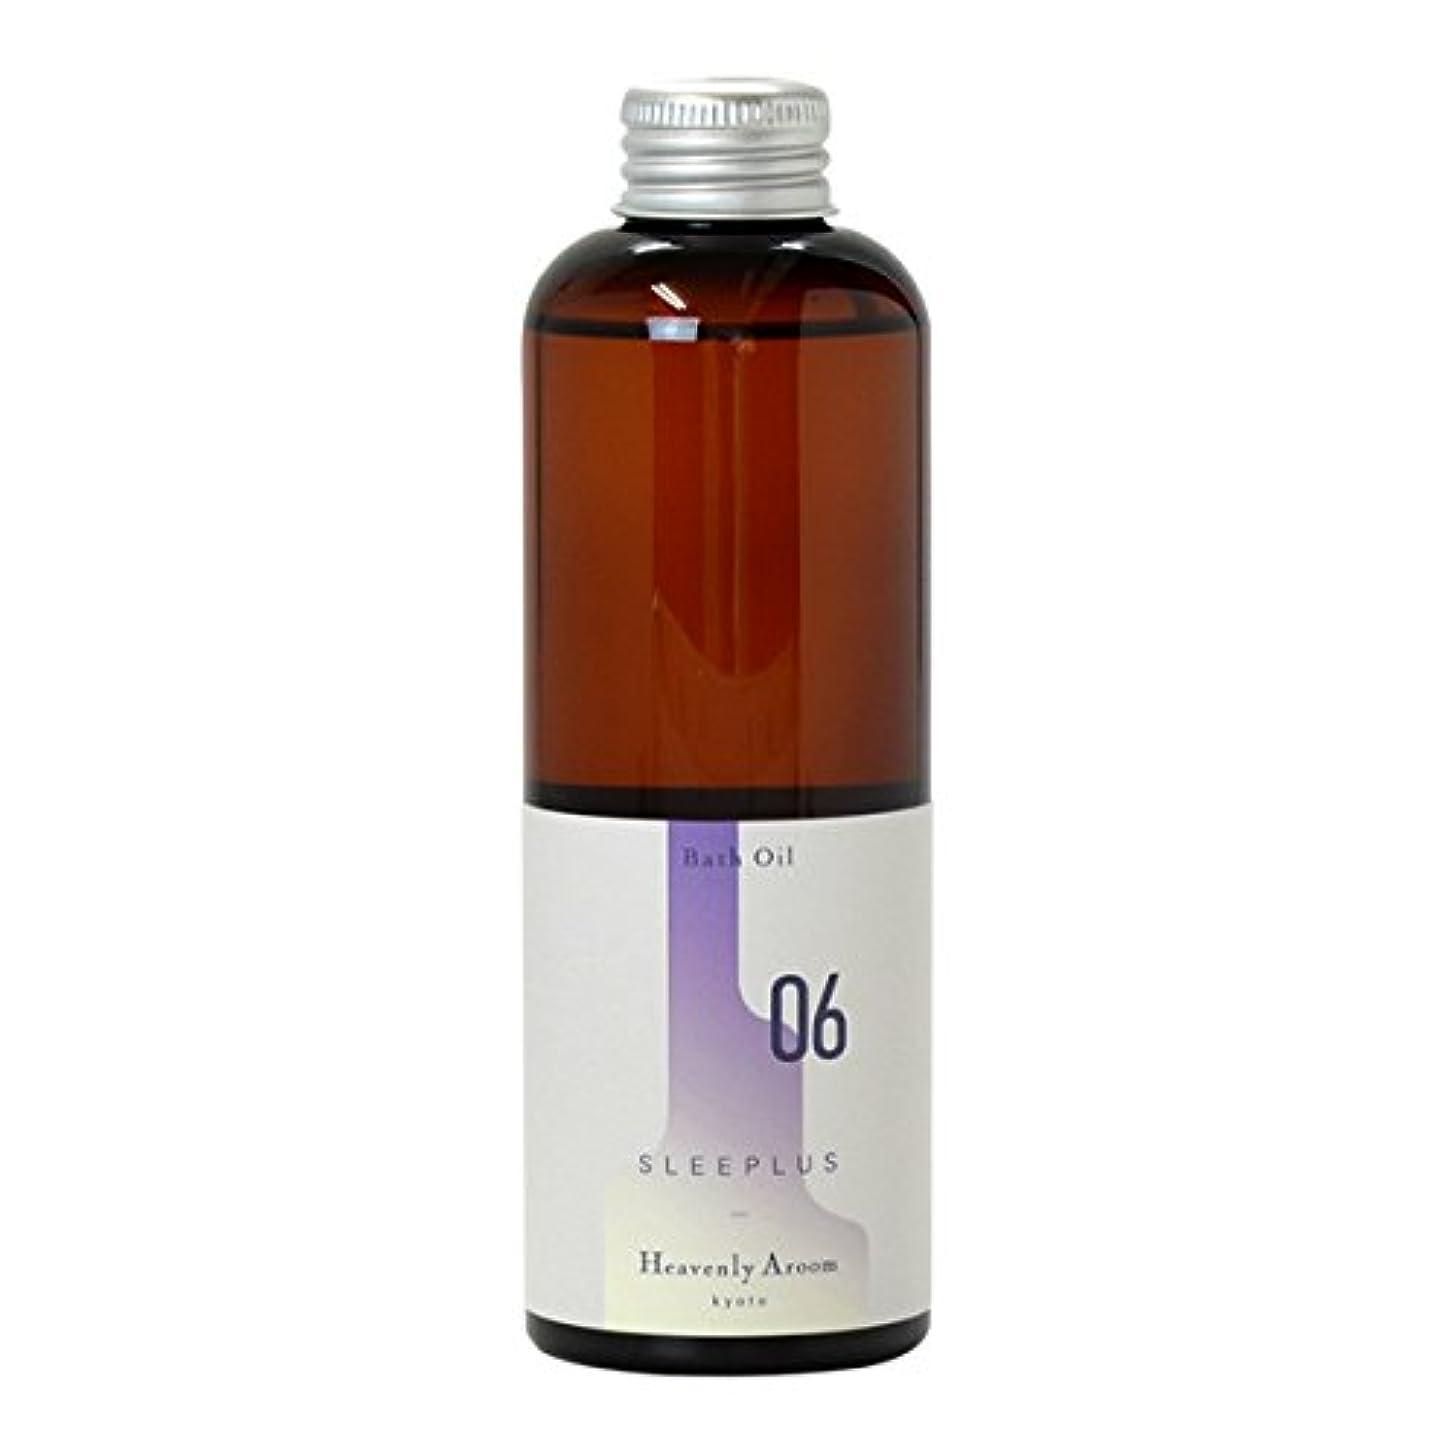 ブレイズ値気体のHeavenly Aroom バスオイル SLEEPLUS 06 ラベンダーバニラ 200ml